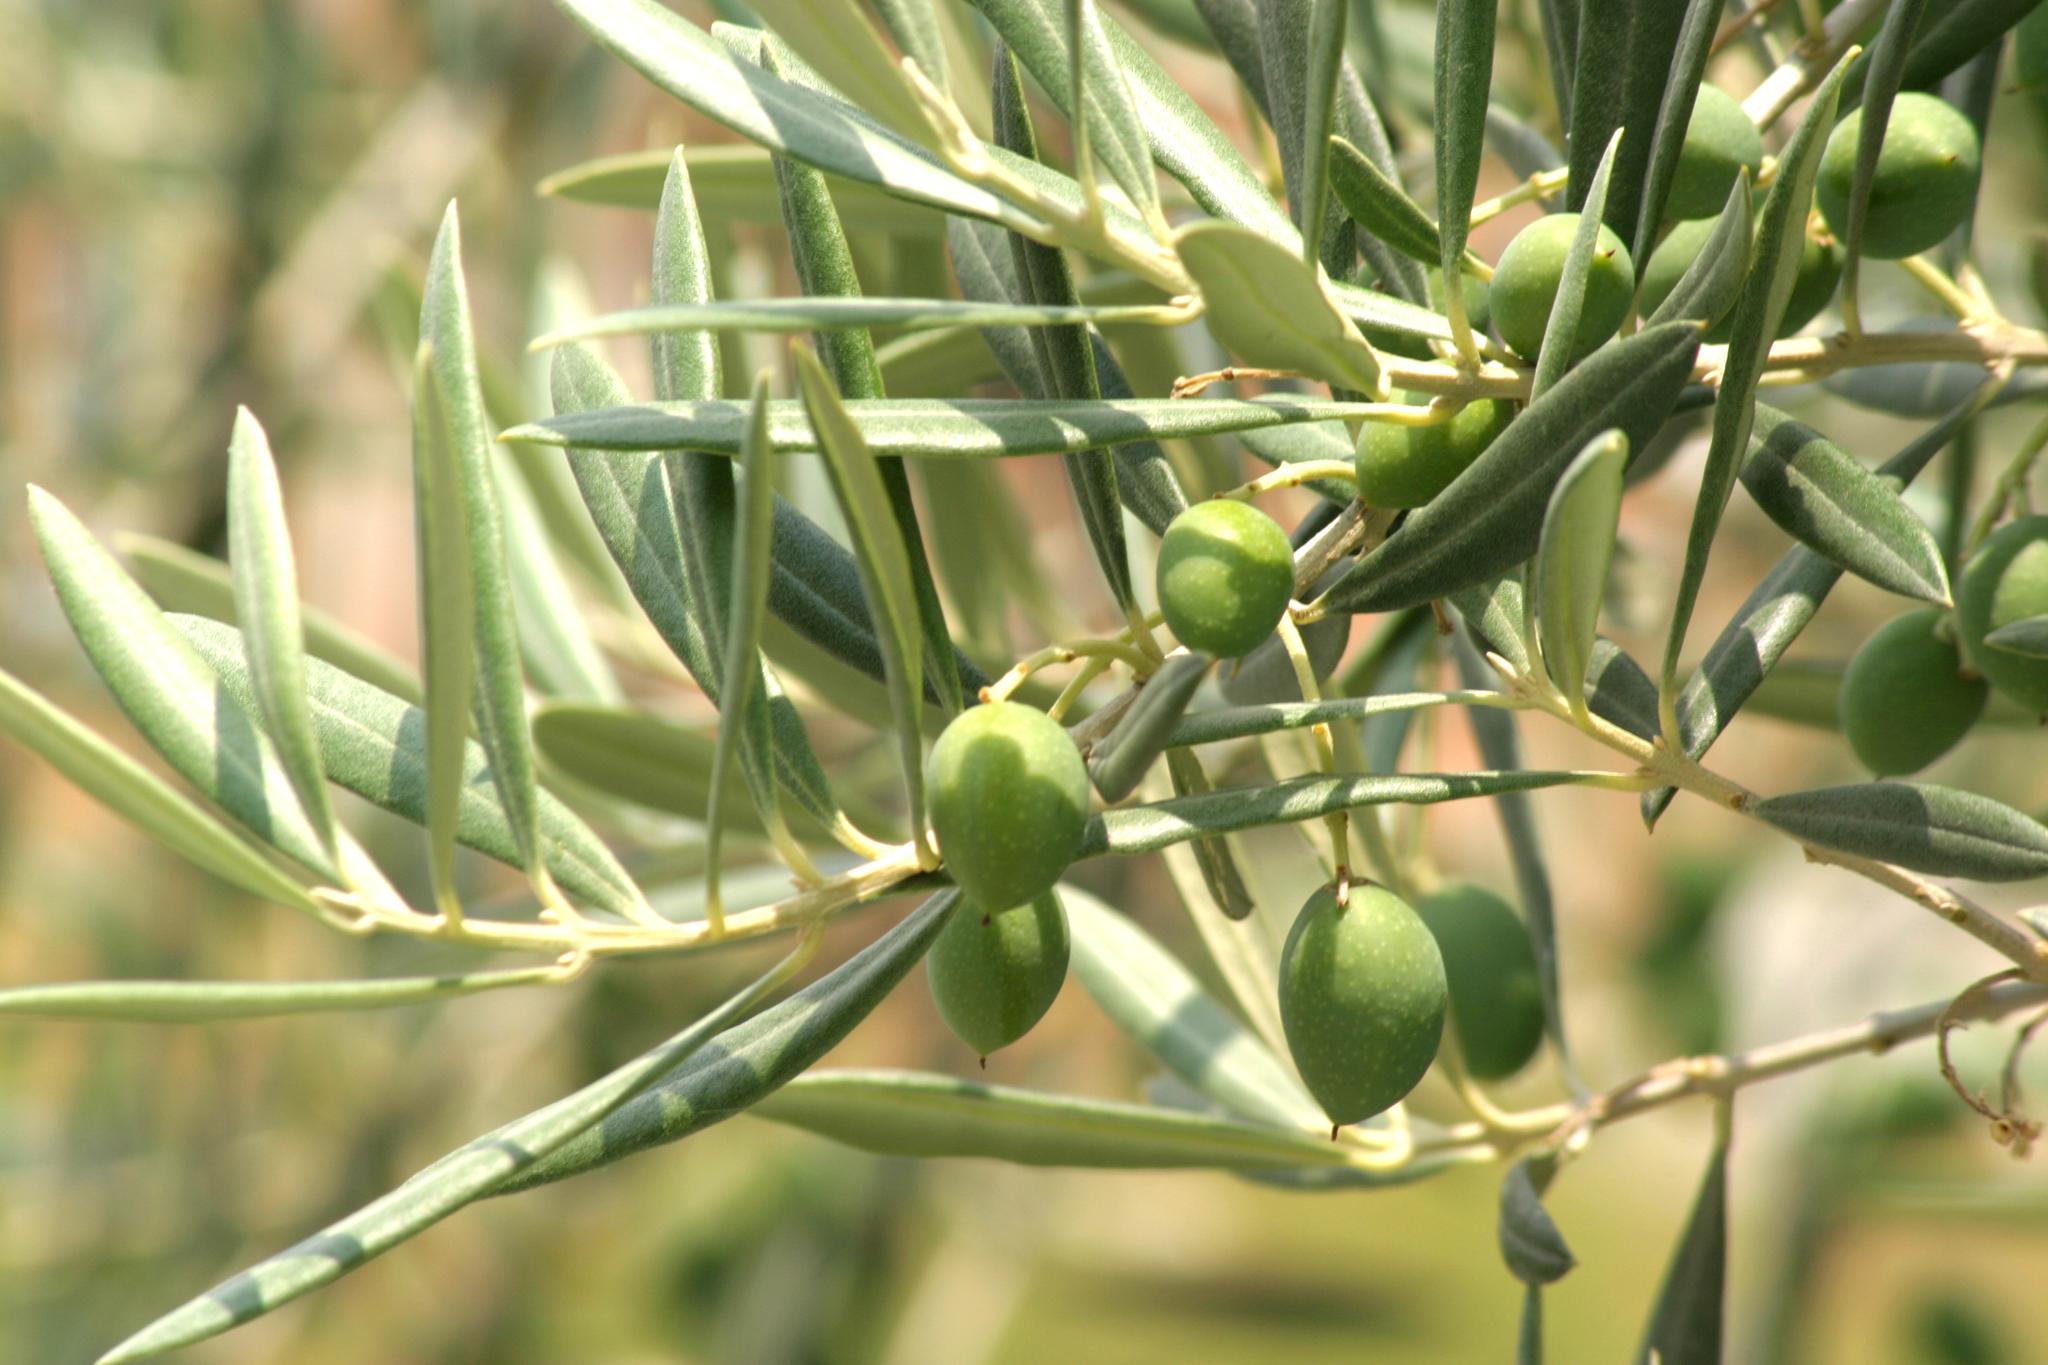 El ácido oleanólico se extrae de plantas como el olivo (FOTO: ITE).